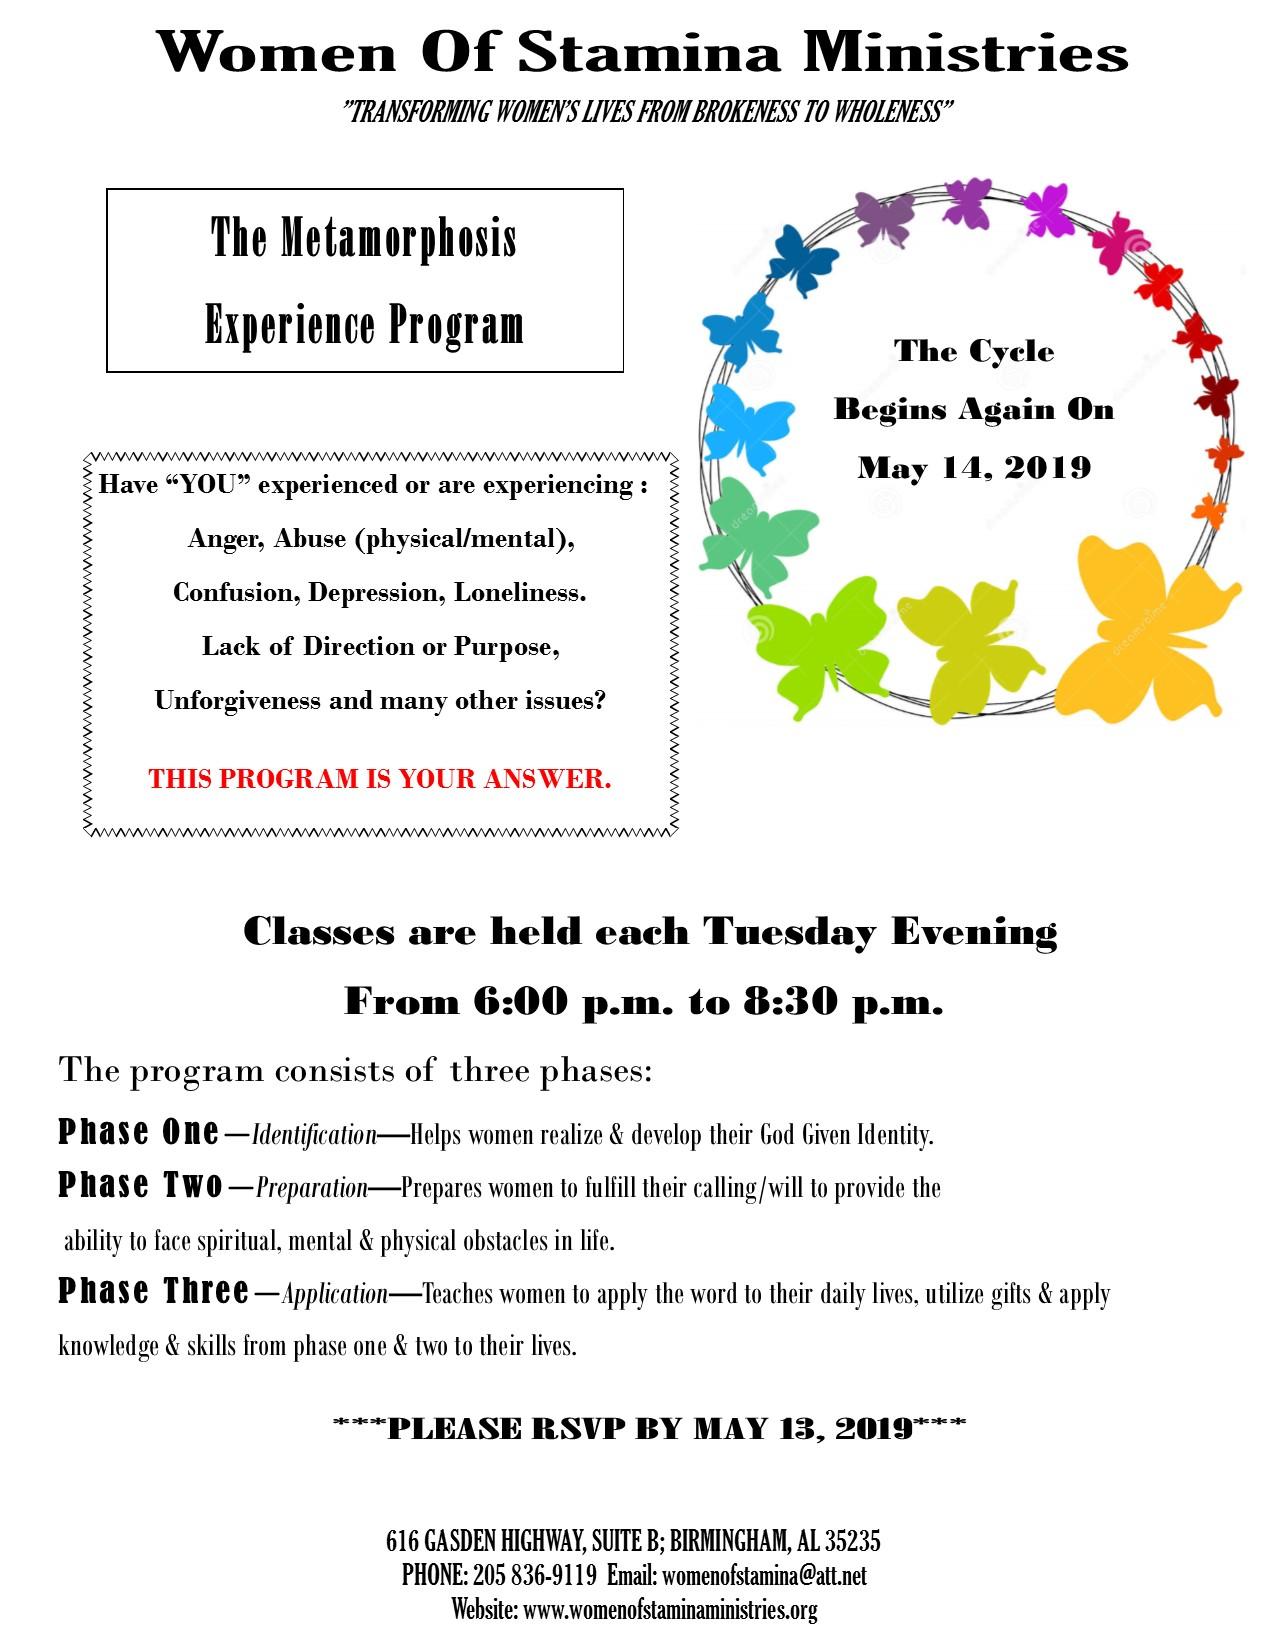 WOS Metamorphosis Experience Flyer -052019-3